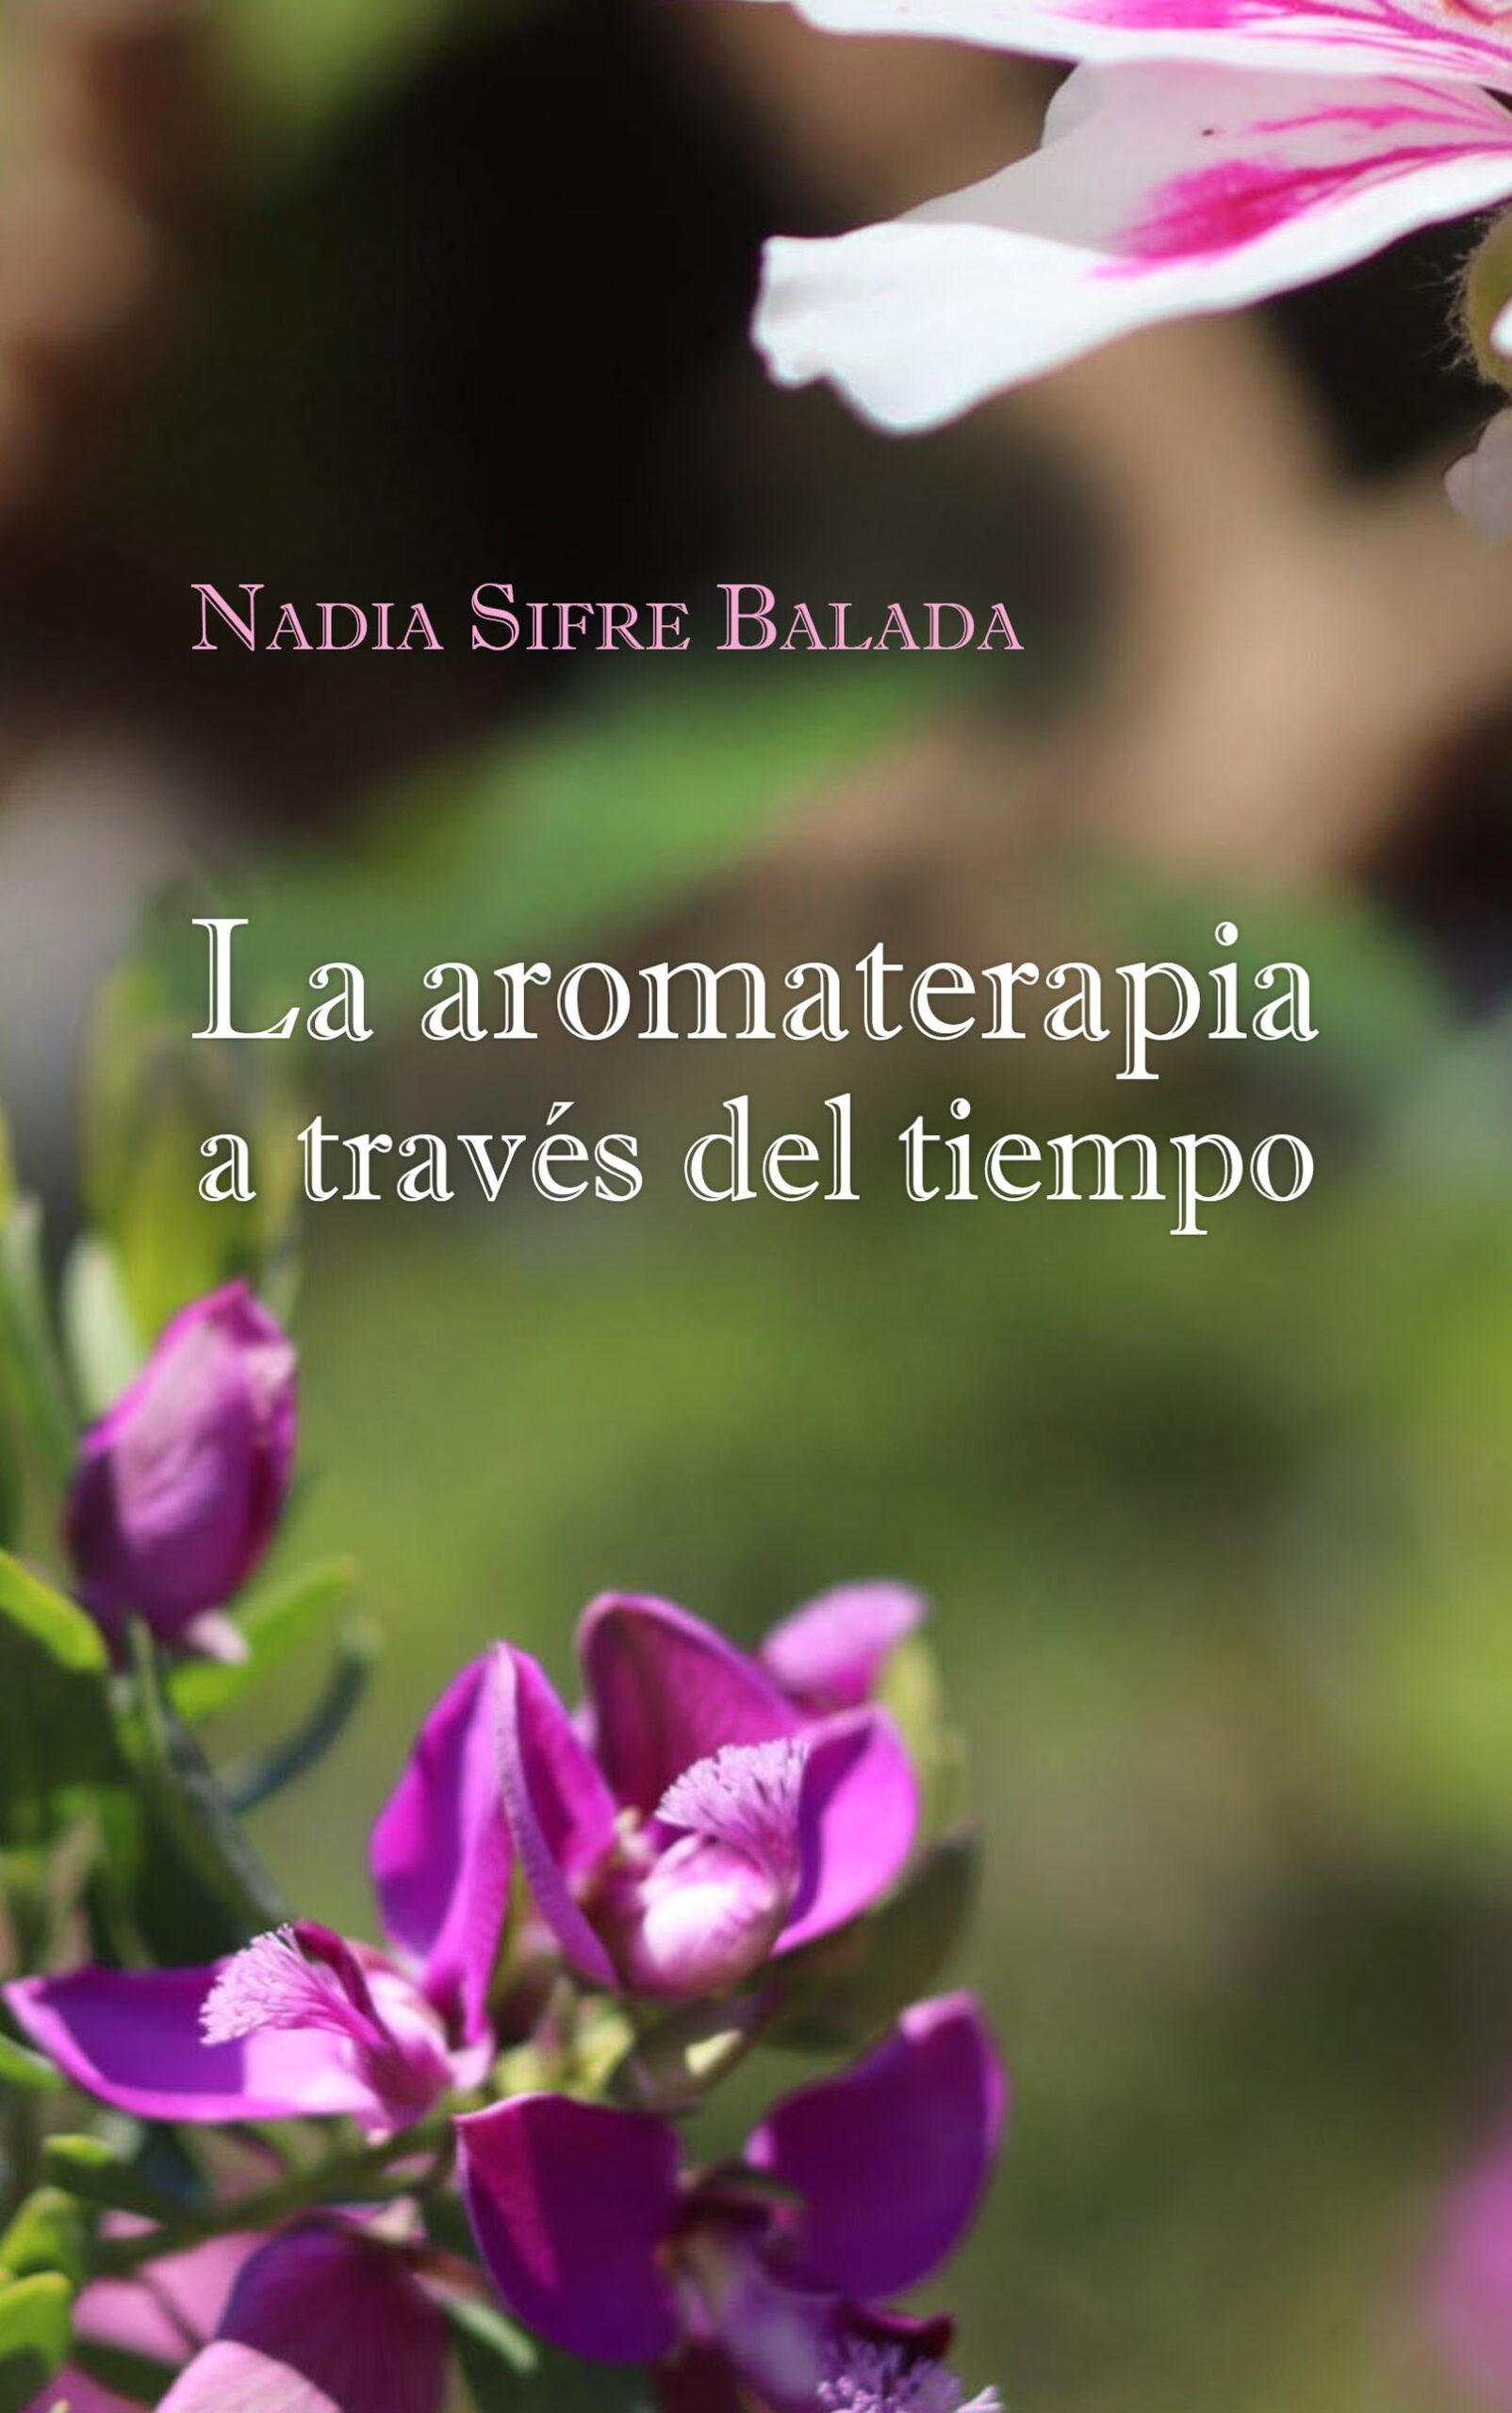 La aromaterapia a través del tiempo, de Nadia Sifre Balada